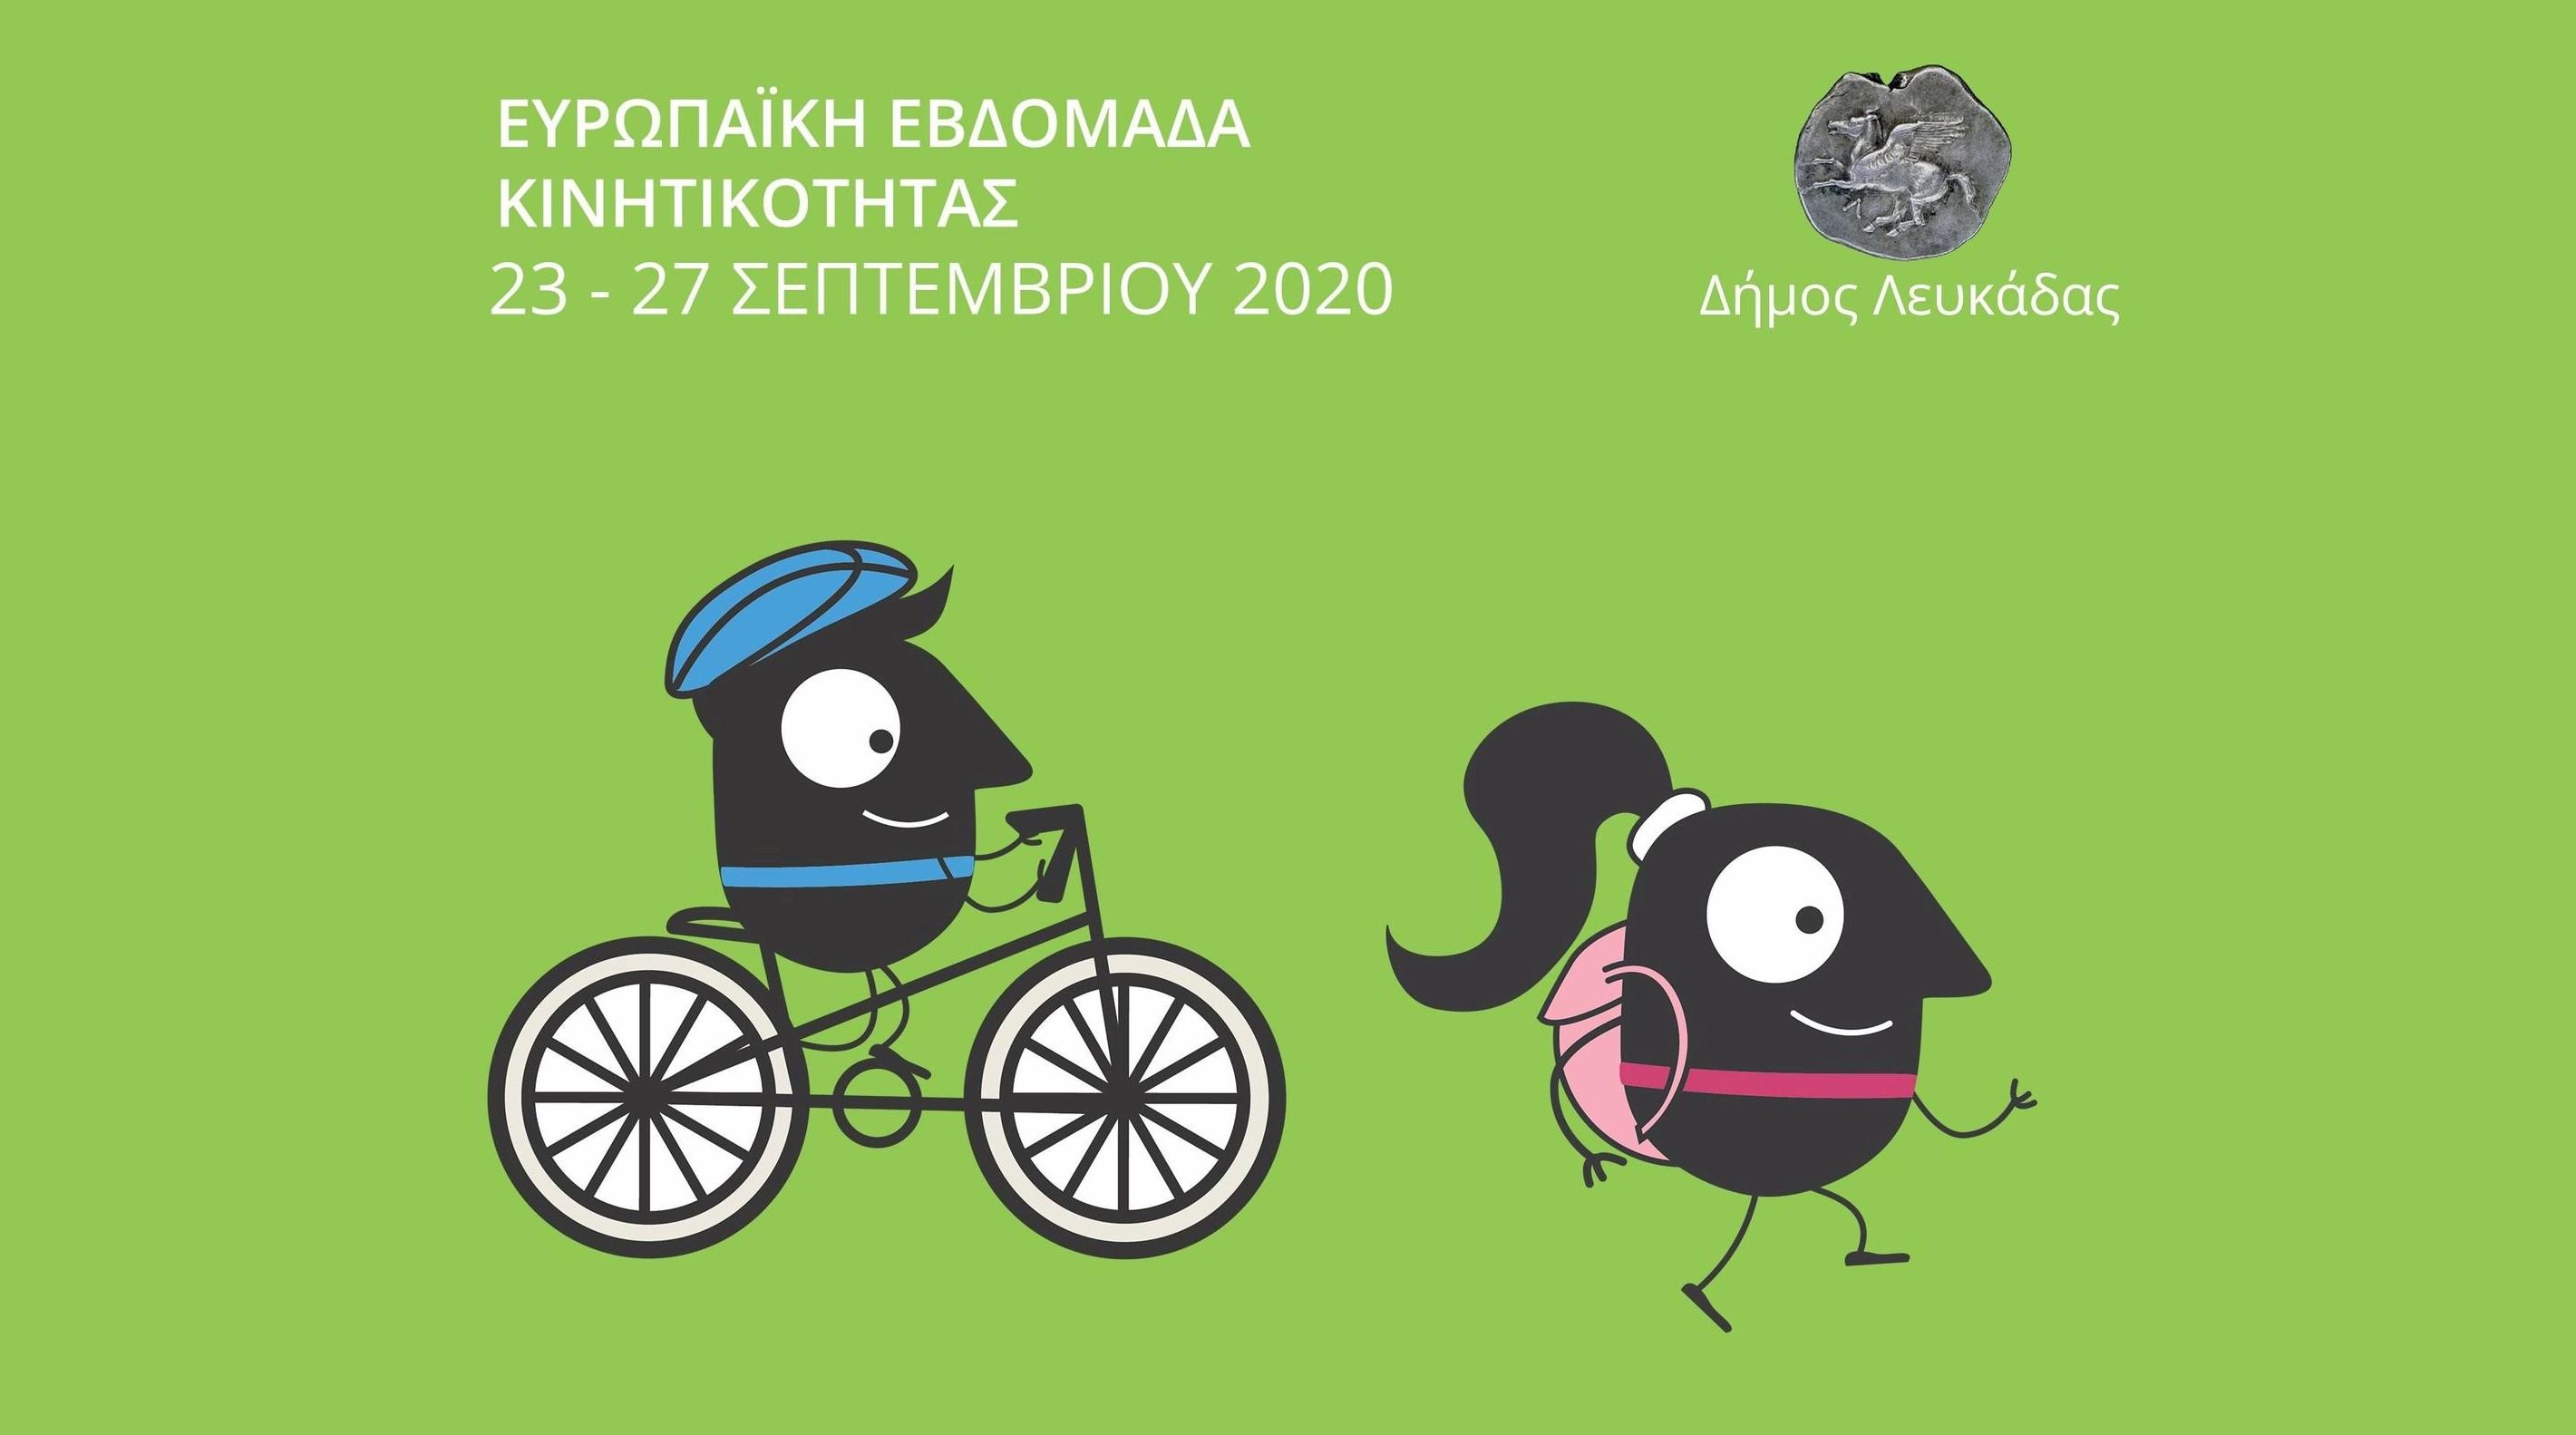 evdomada_kinitikotitas